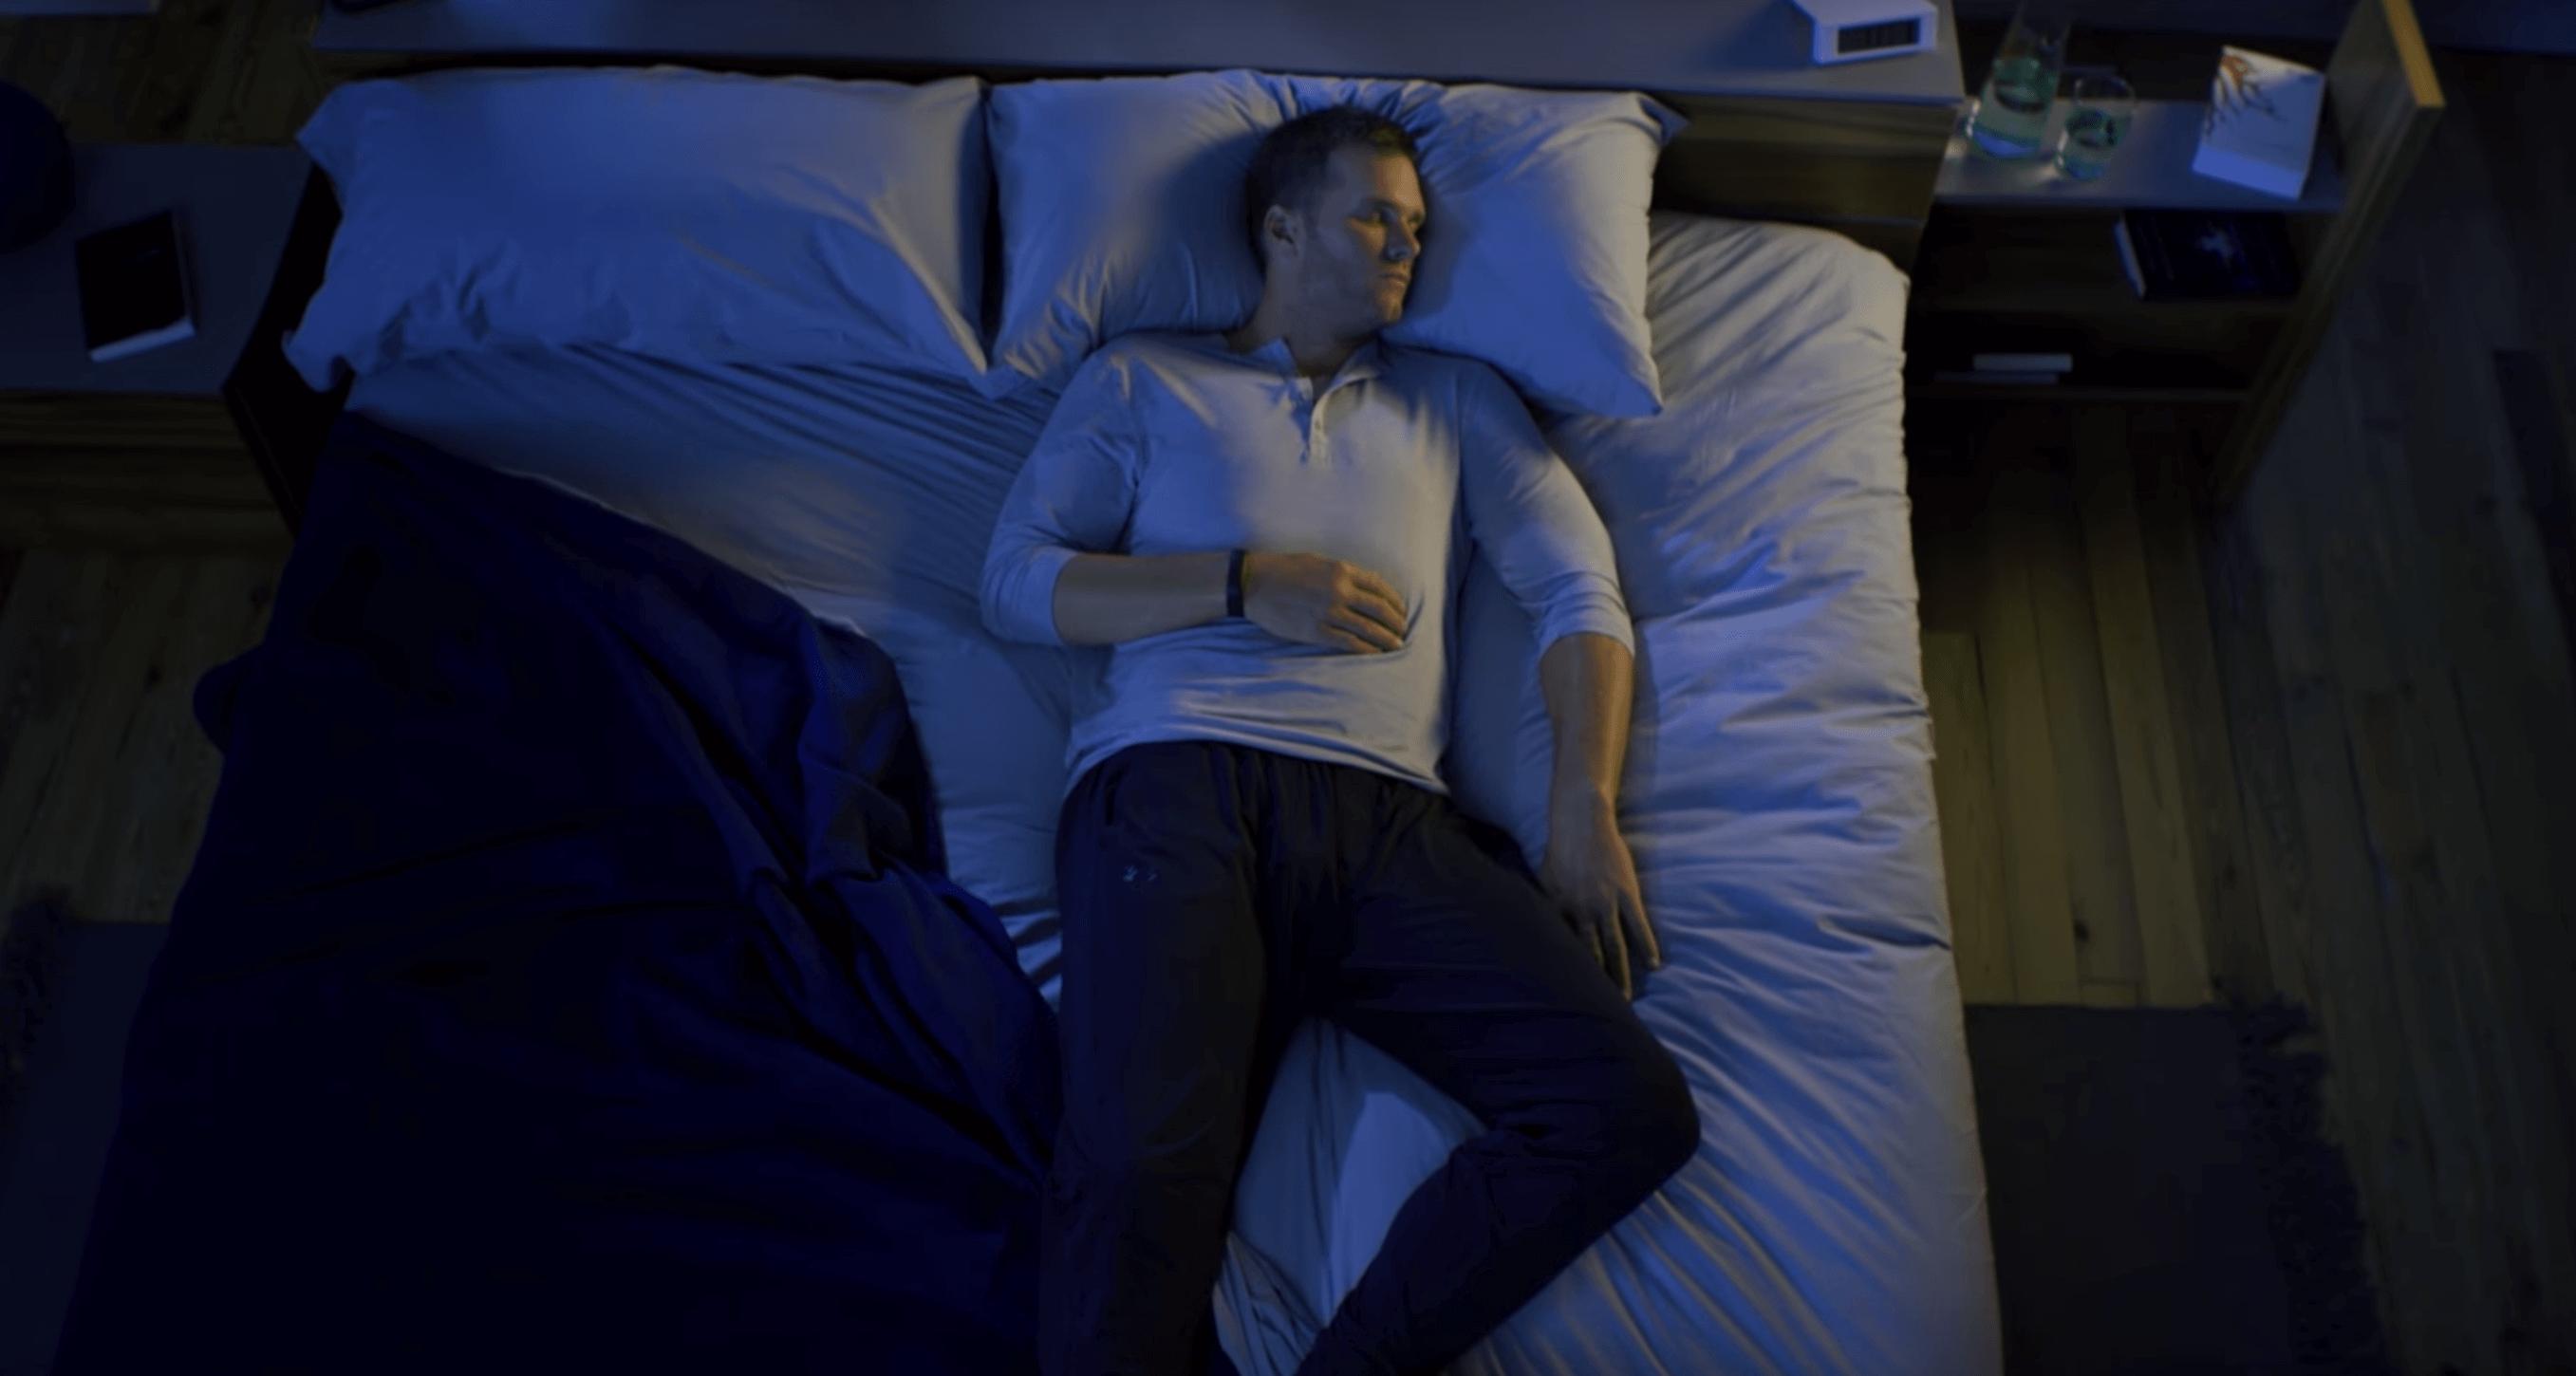 Under Armour vise à améliorer la qualité du sommeil des sportifs